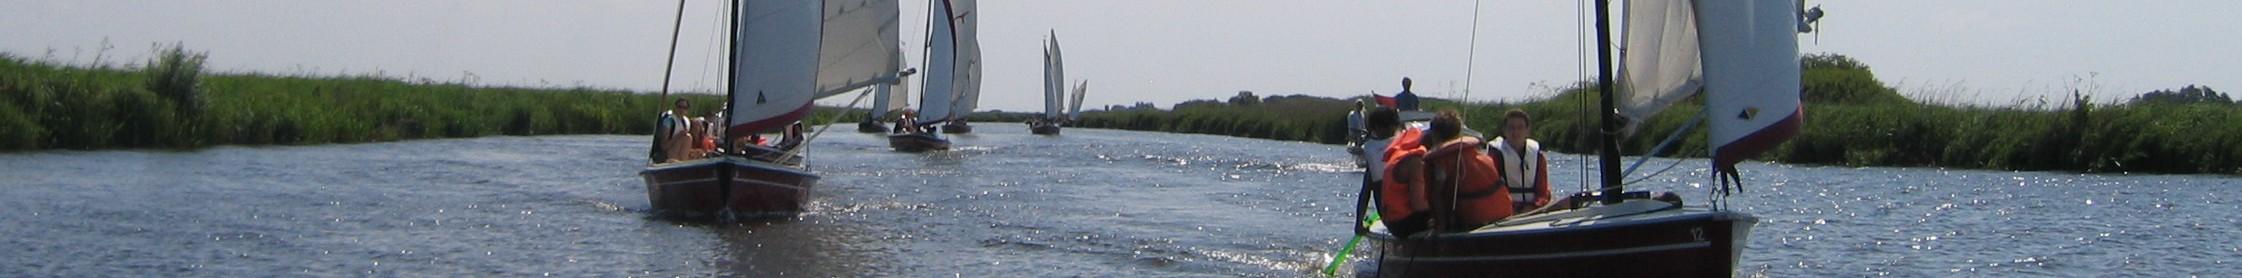 Stichting De Ruime Wind